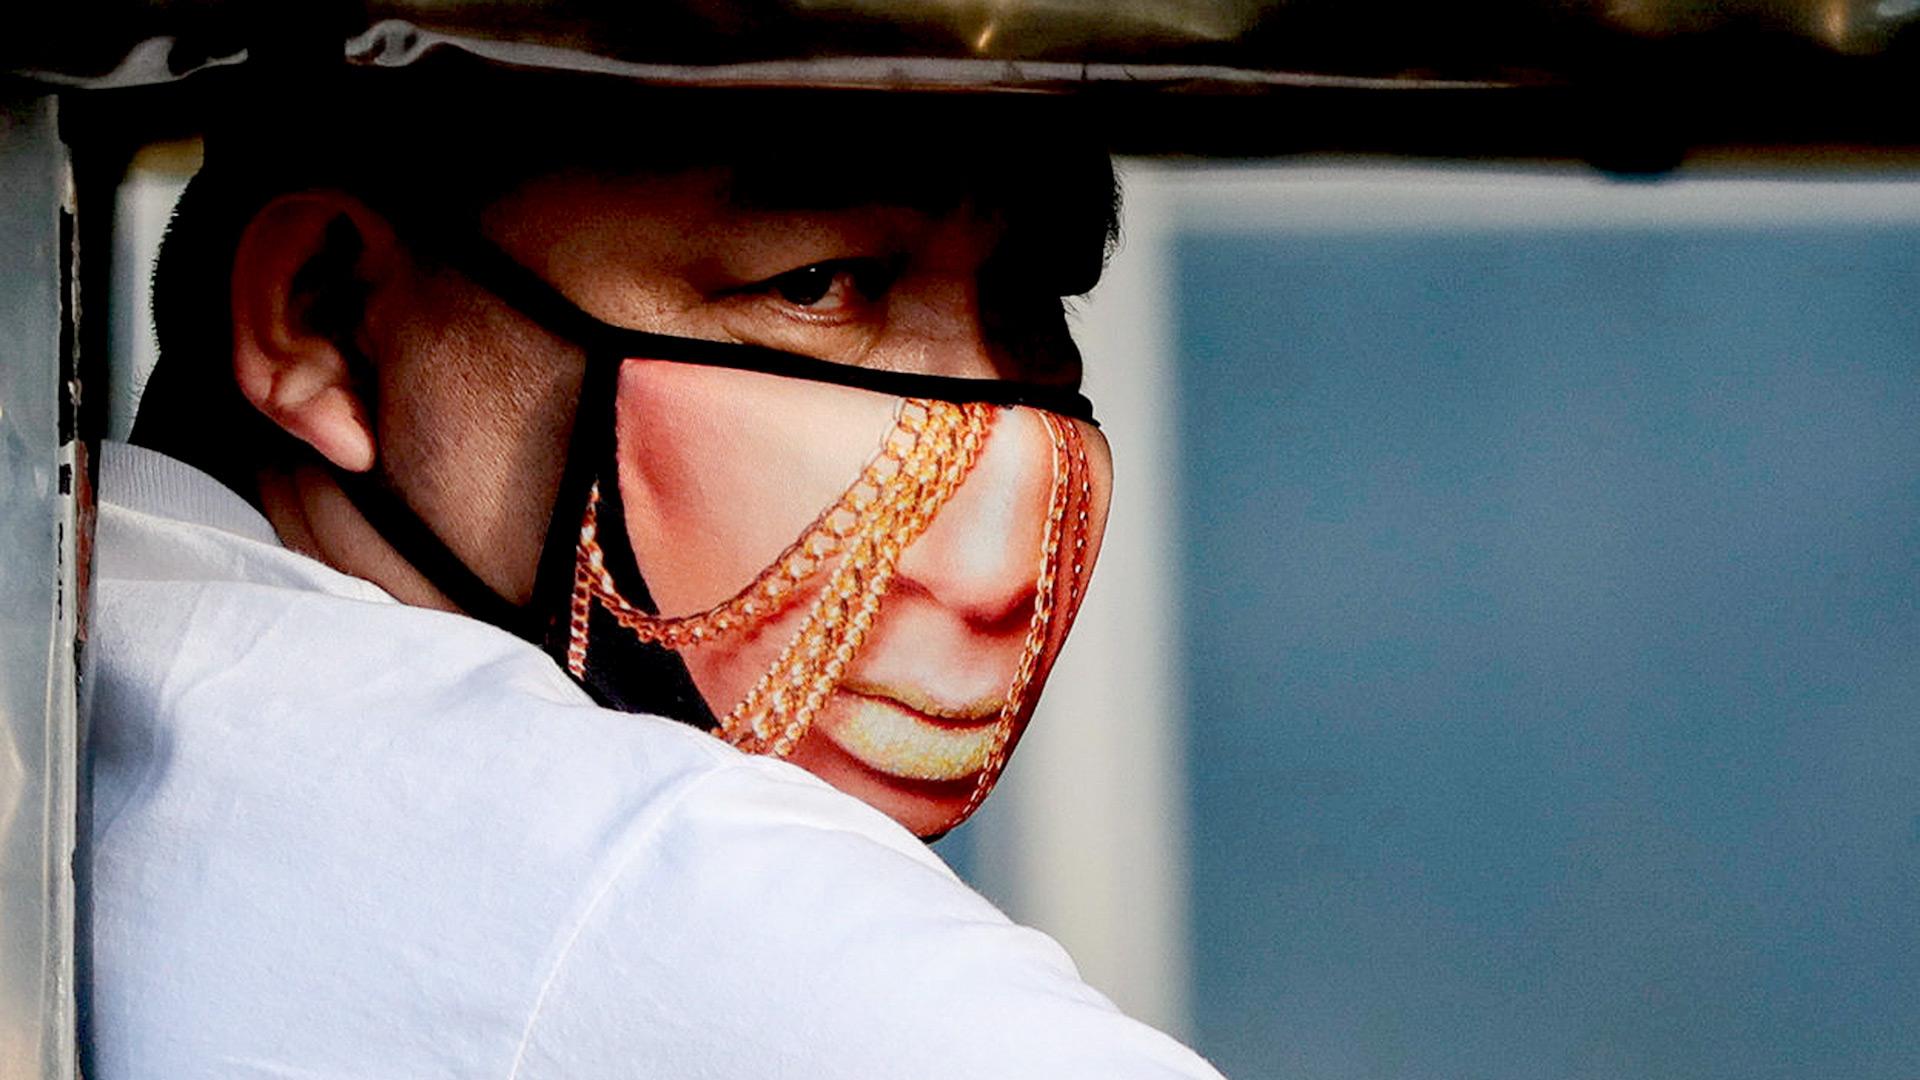 Un hombre usa una máscara protectora con un diseño de personaje dentro de un taxi colectivo, luego de dos casos confirmados de coronavirus en el país, en la ciudad filipina de Quezon (REUTERS / Eloisa Lopez)